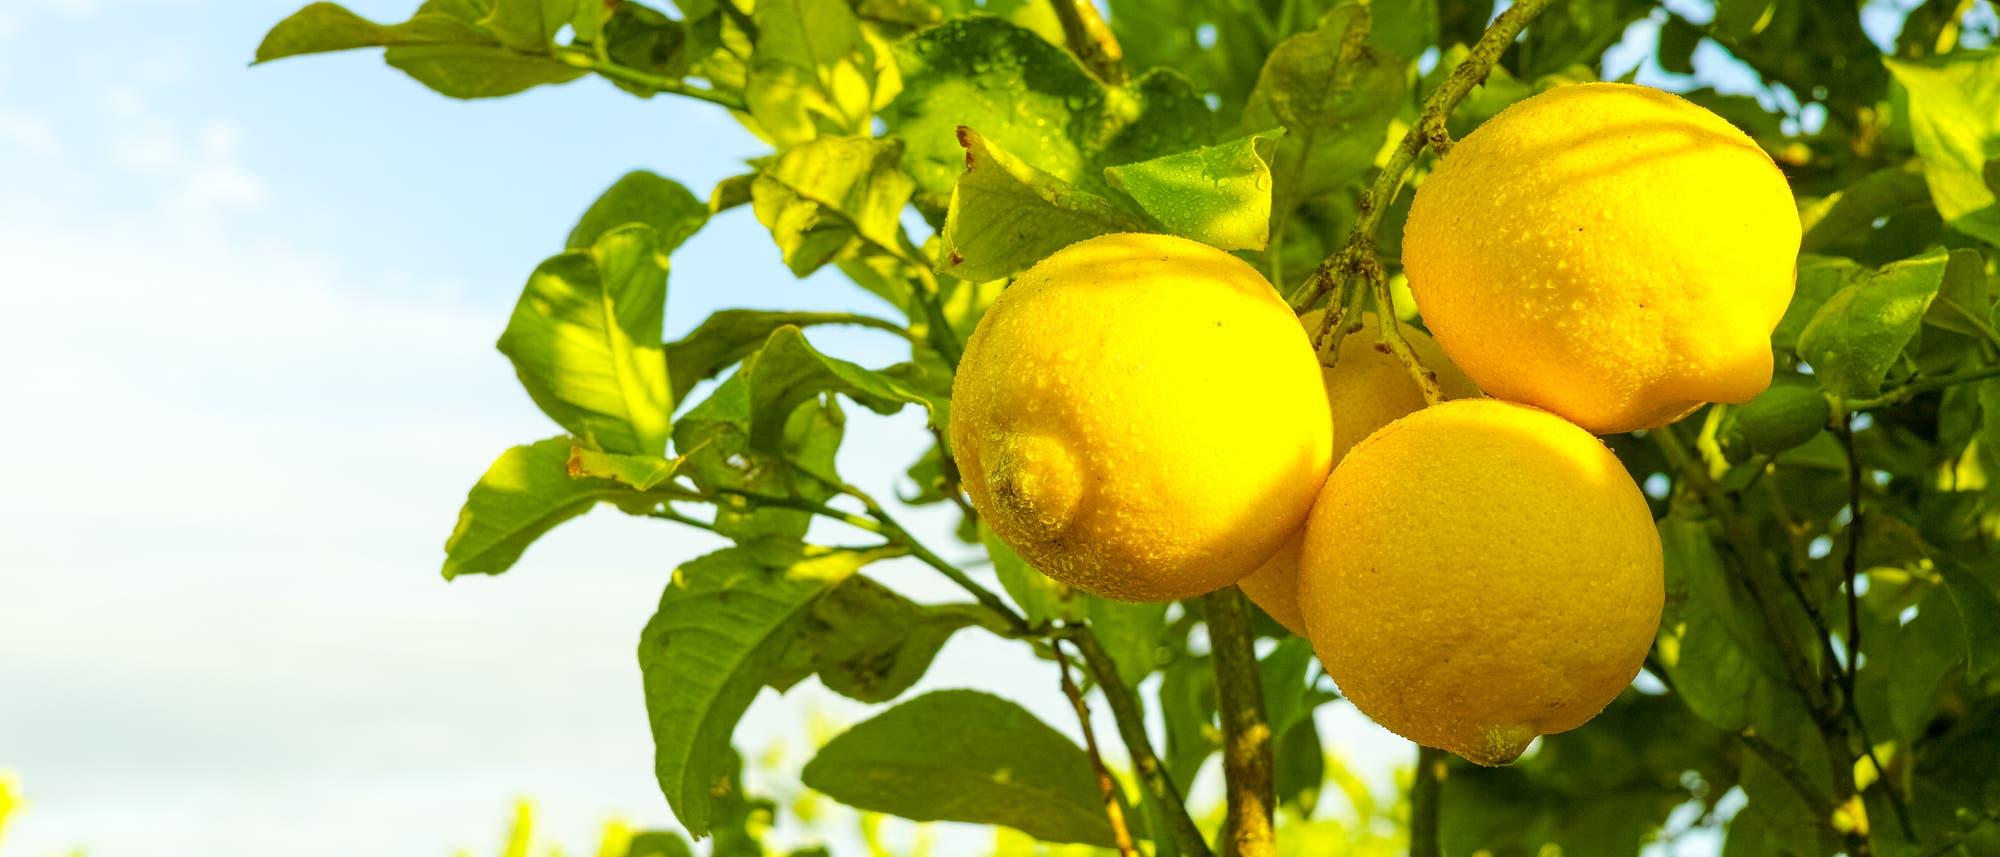 Drei reife Zitronen hängen am Zitrusbäumchen